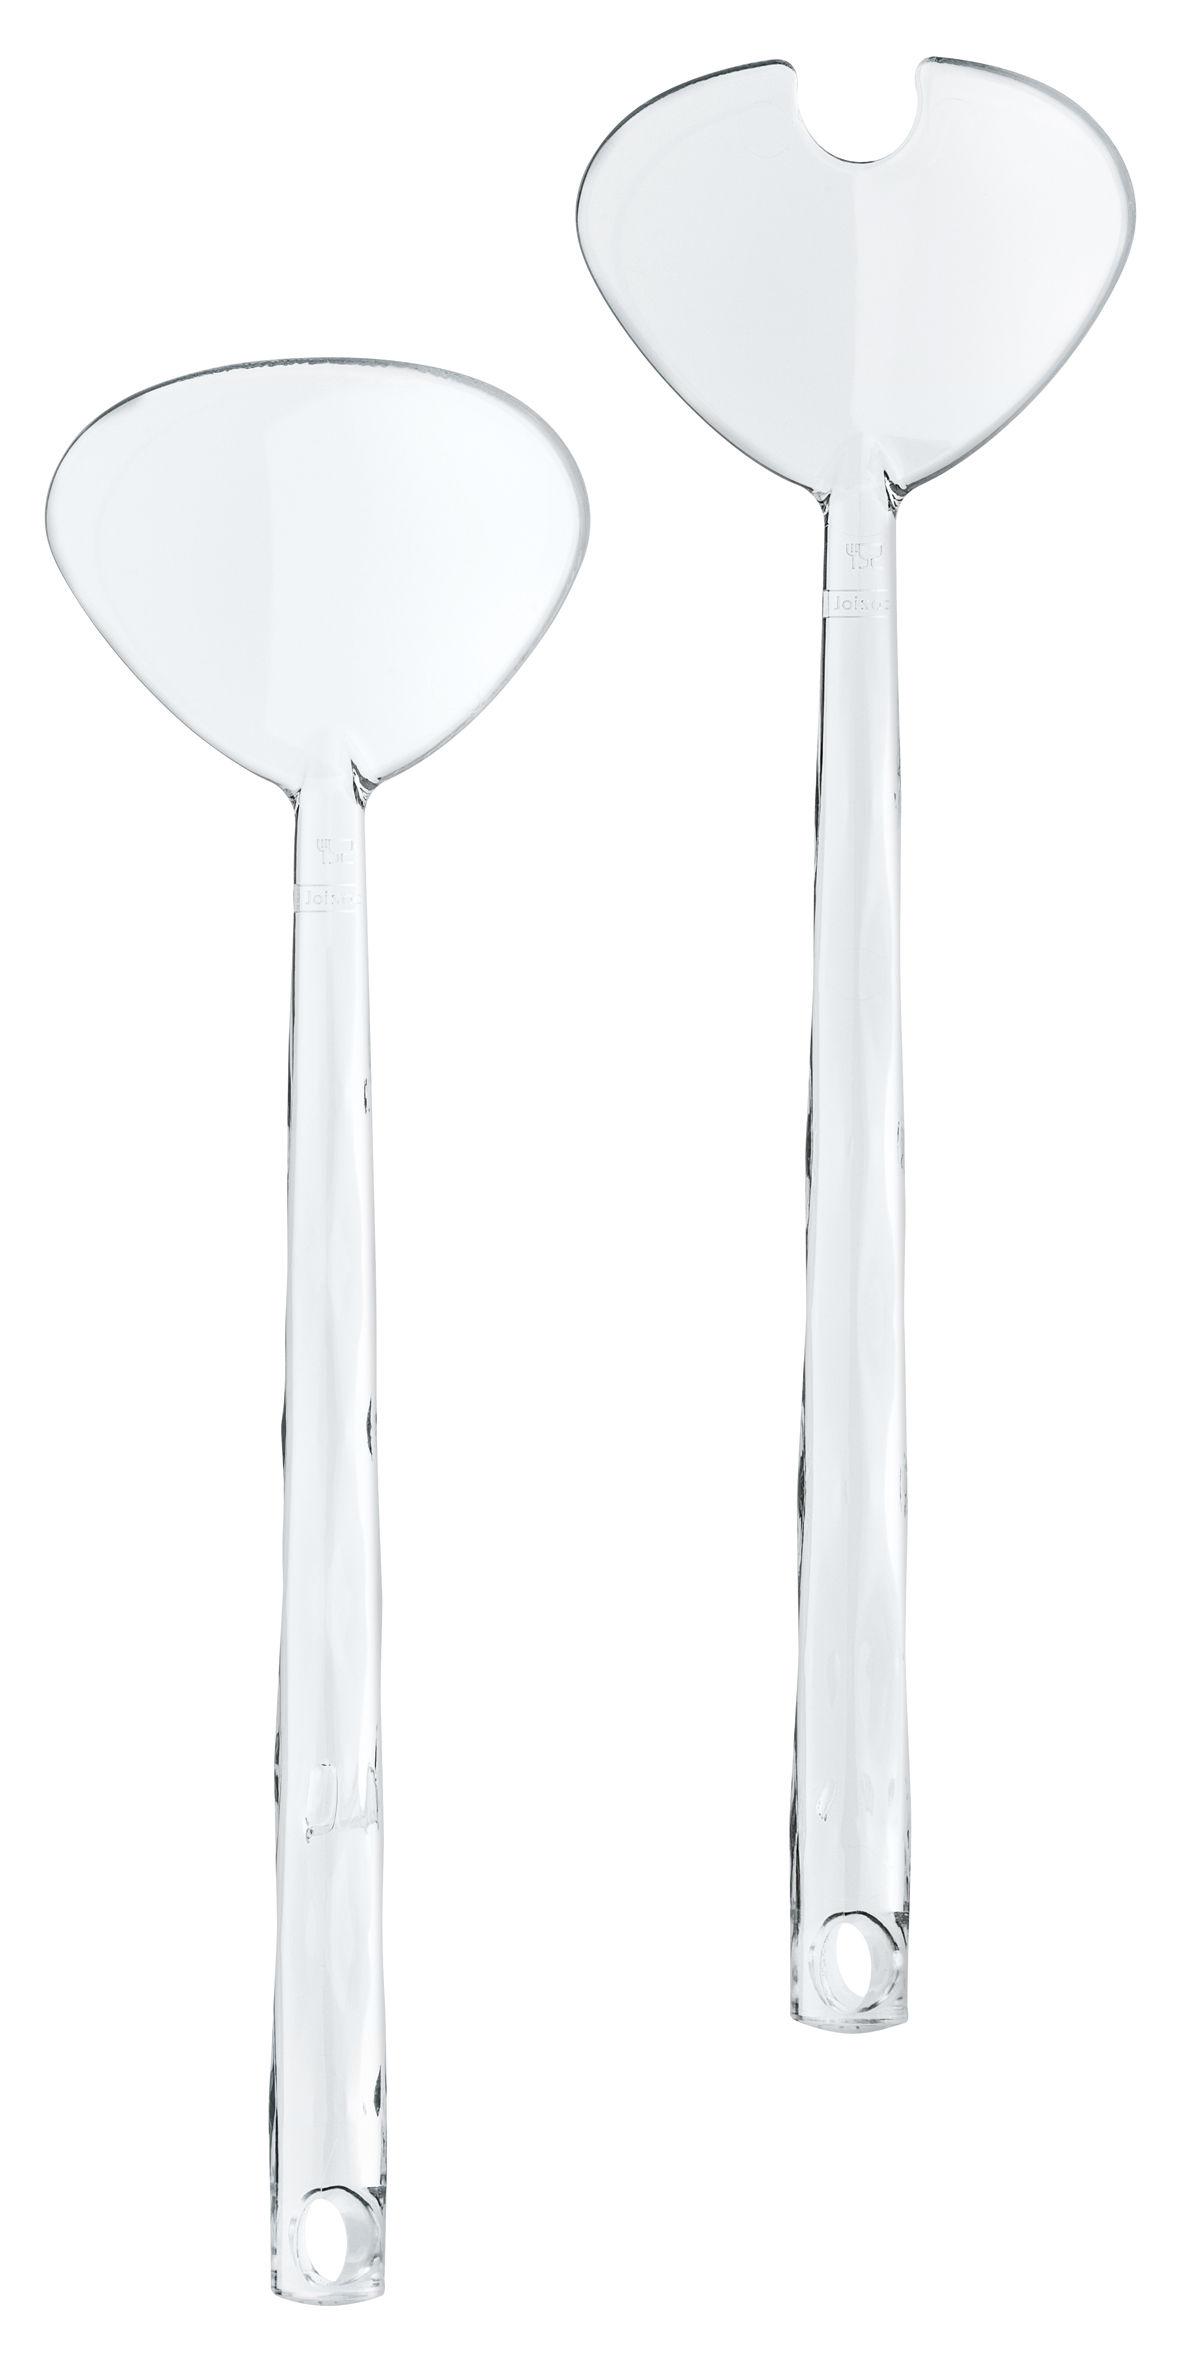 Tischkultur - Couverts de service - Crystal Salatbesteck - Koziol - Transparent (farblos) - Plastik mit SAN